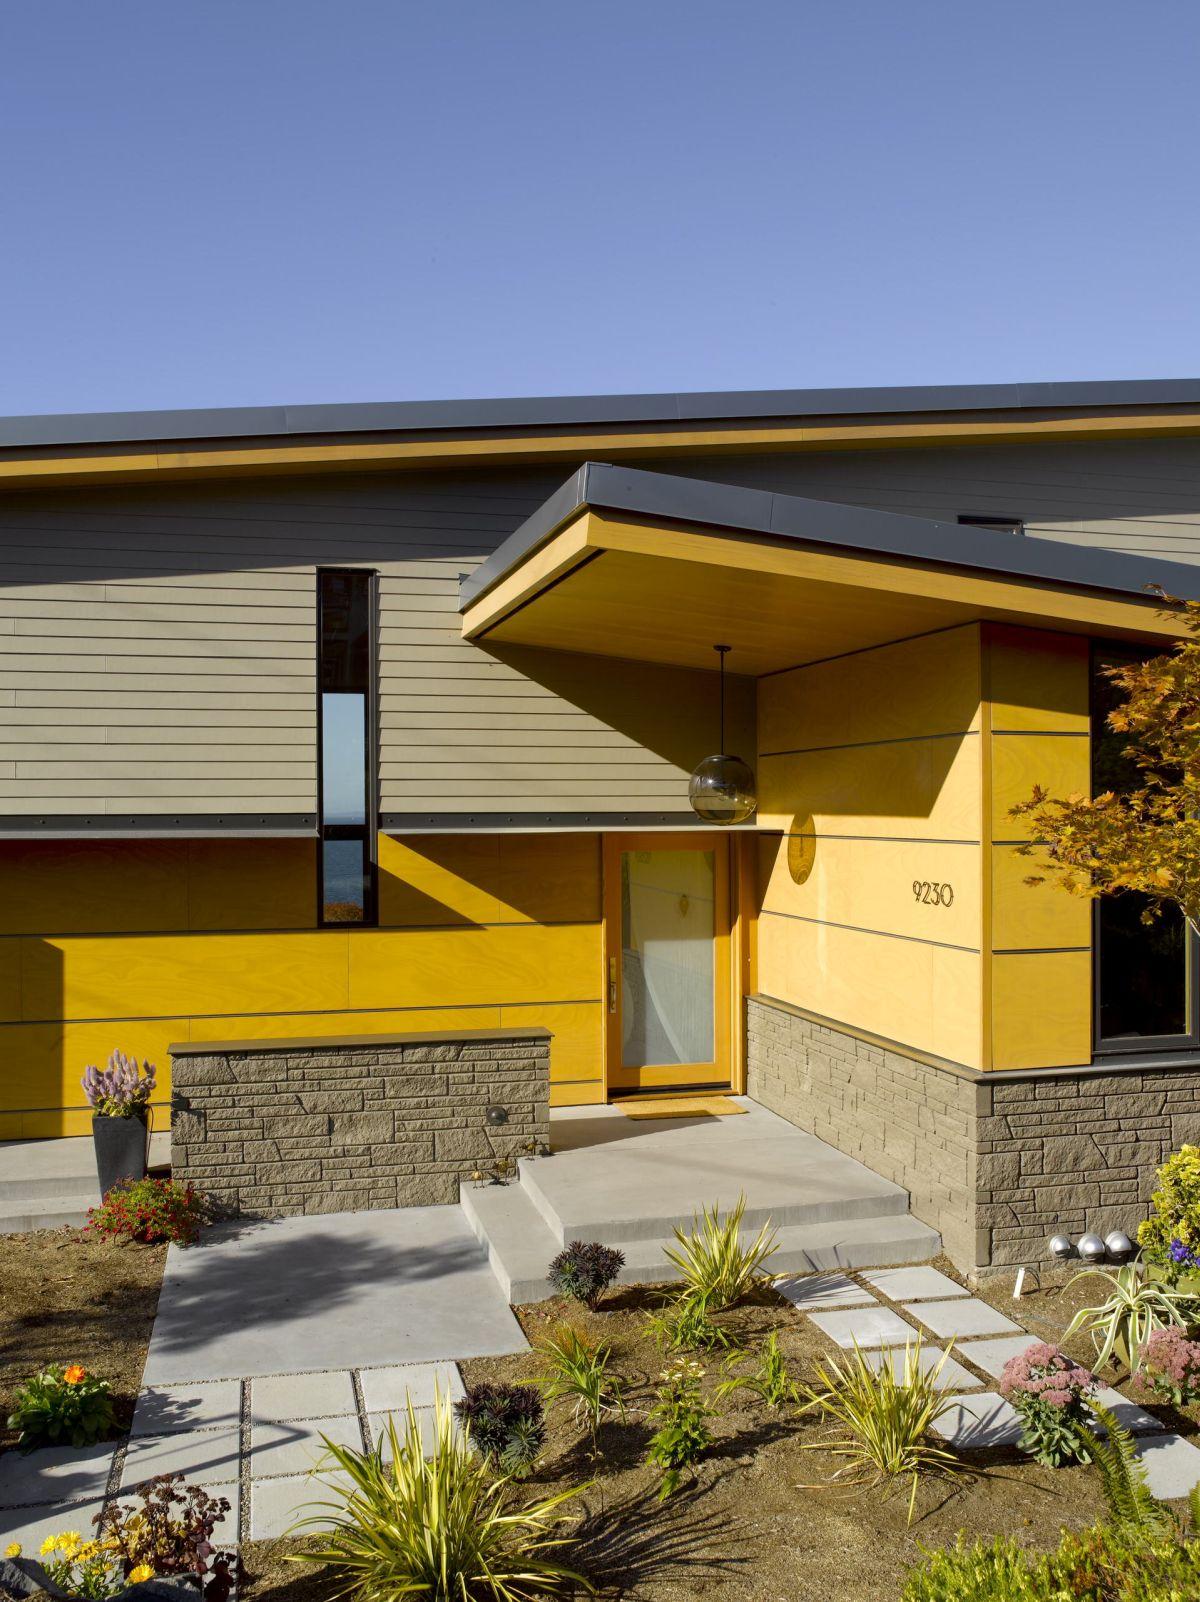 แบบบ้านโทนสีเหลือง